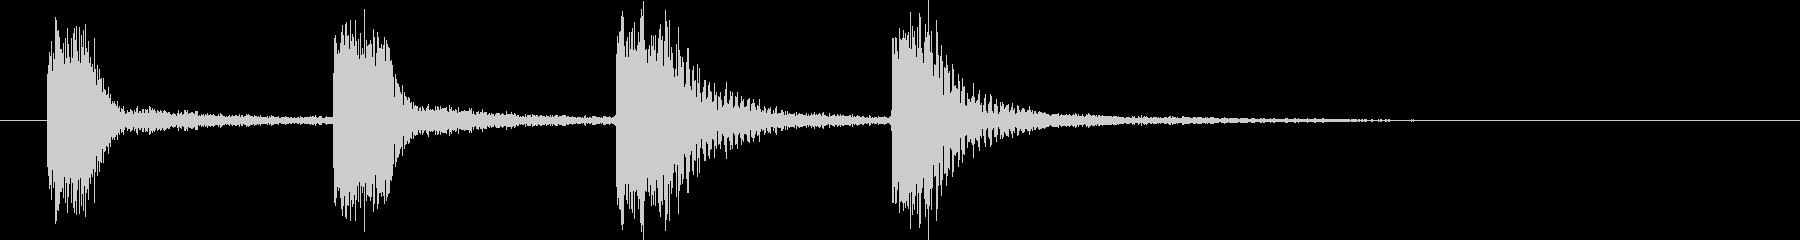 エレクトリックギター:フォービート...の未再生の波形